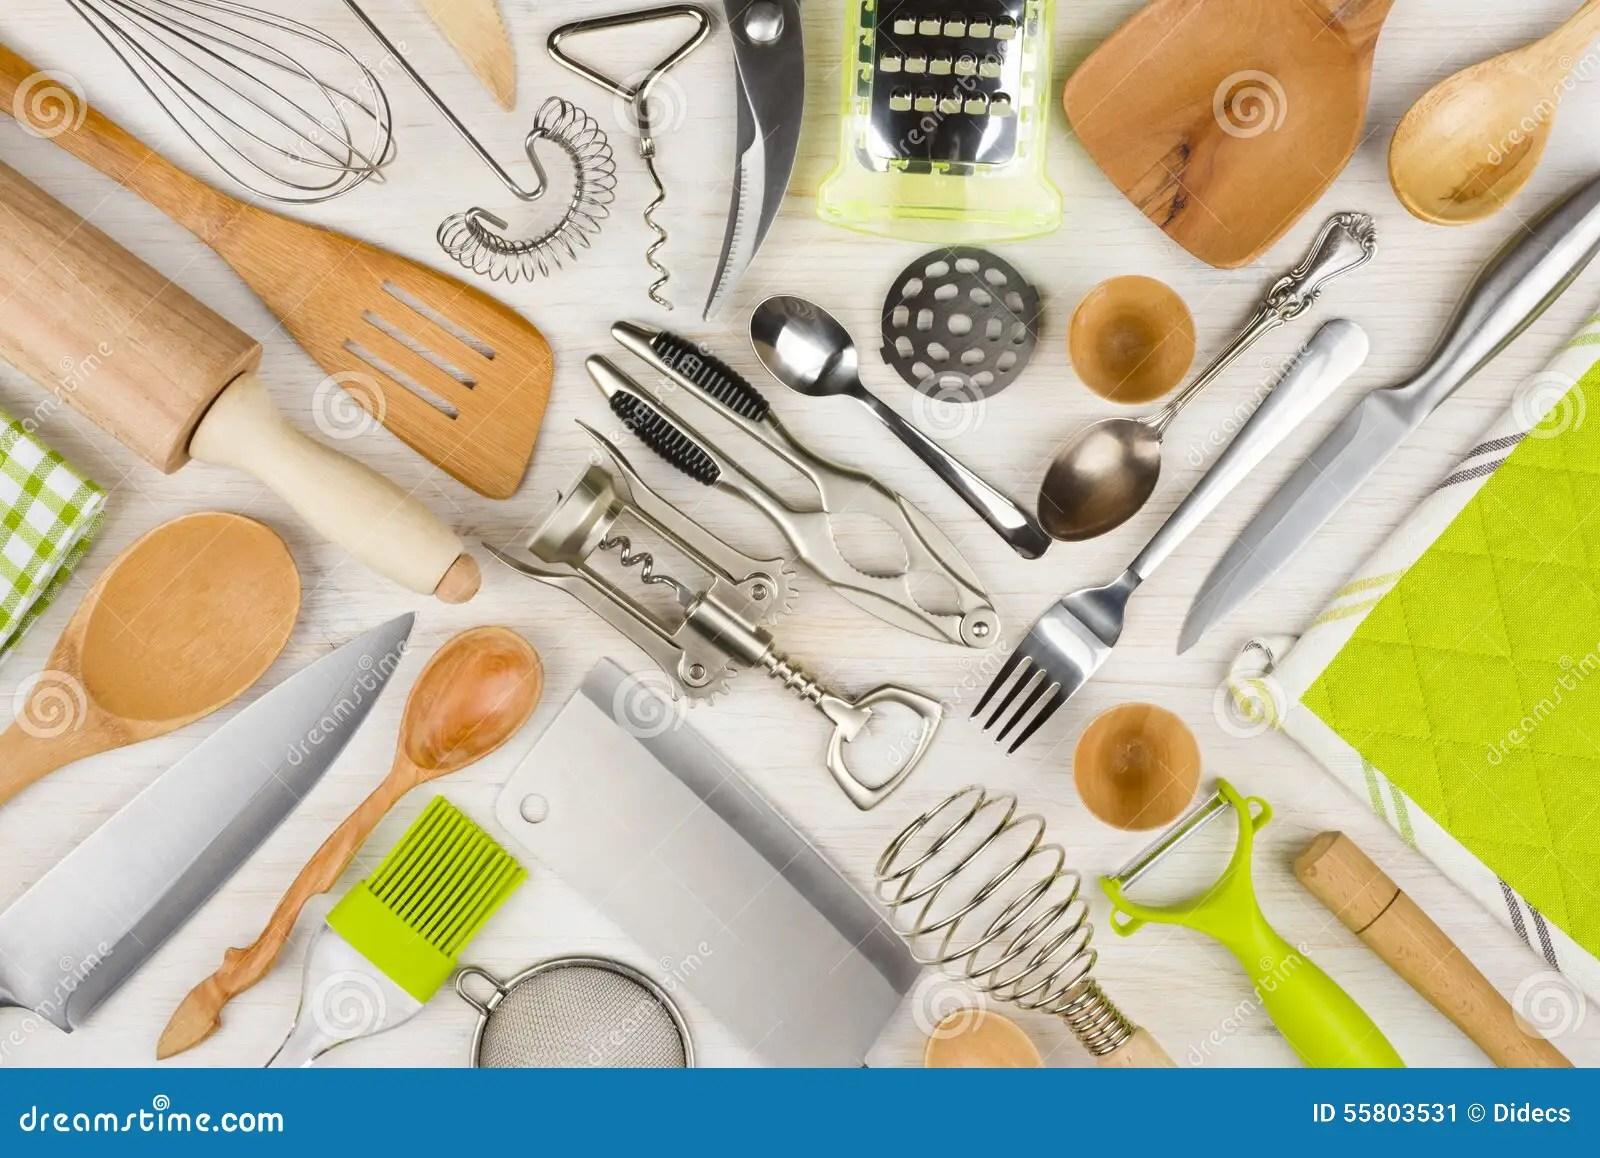 List Of Kitchen Utensils A To Z Kitchen Utensils Names In